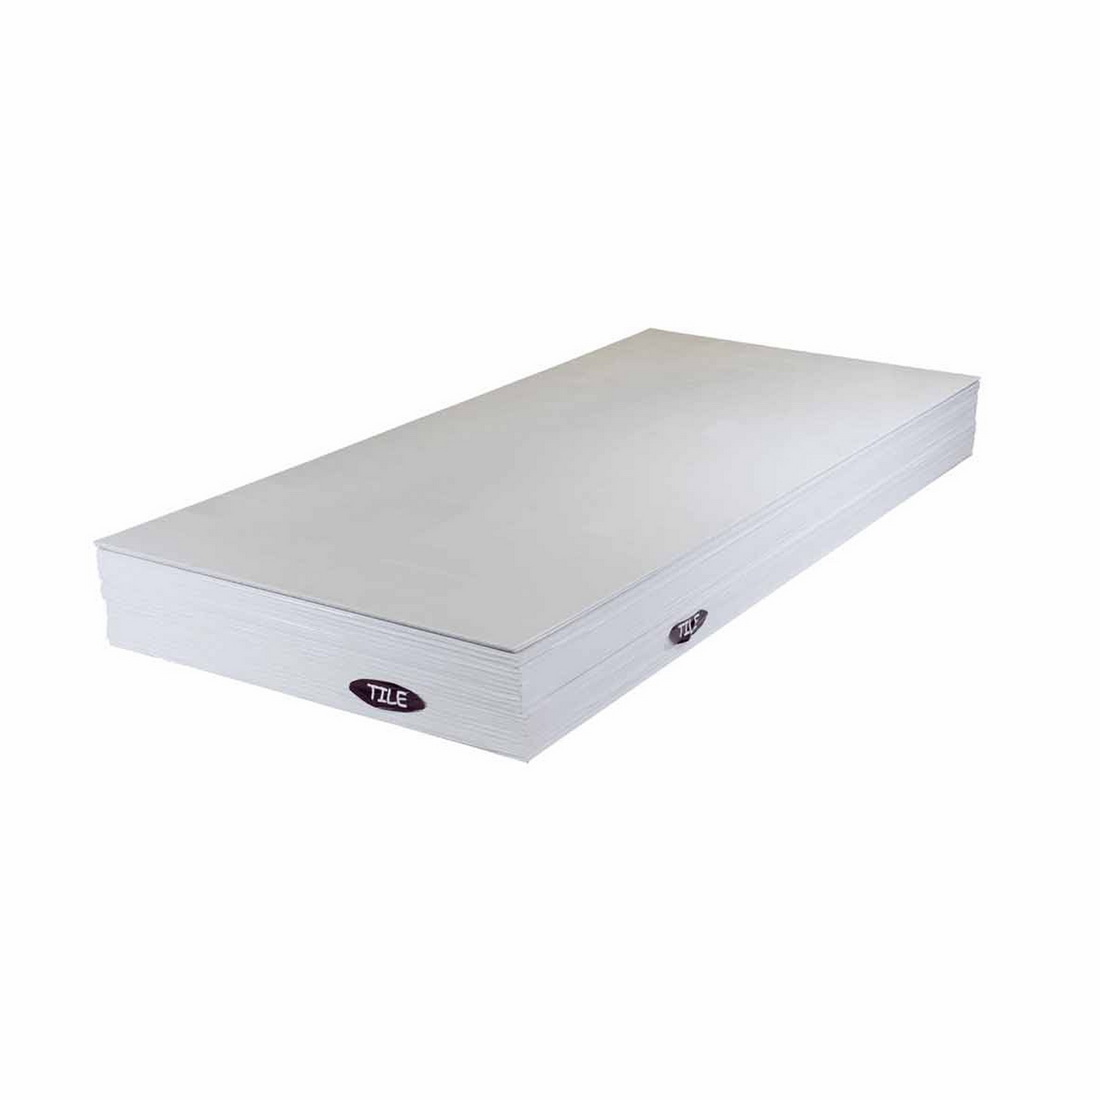 HardieGlaze Tile Lining 2400 x 900 x 6mm White